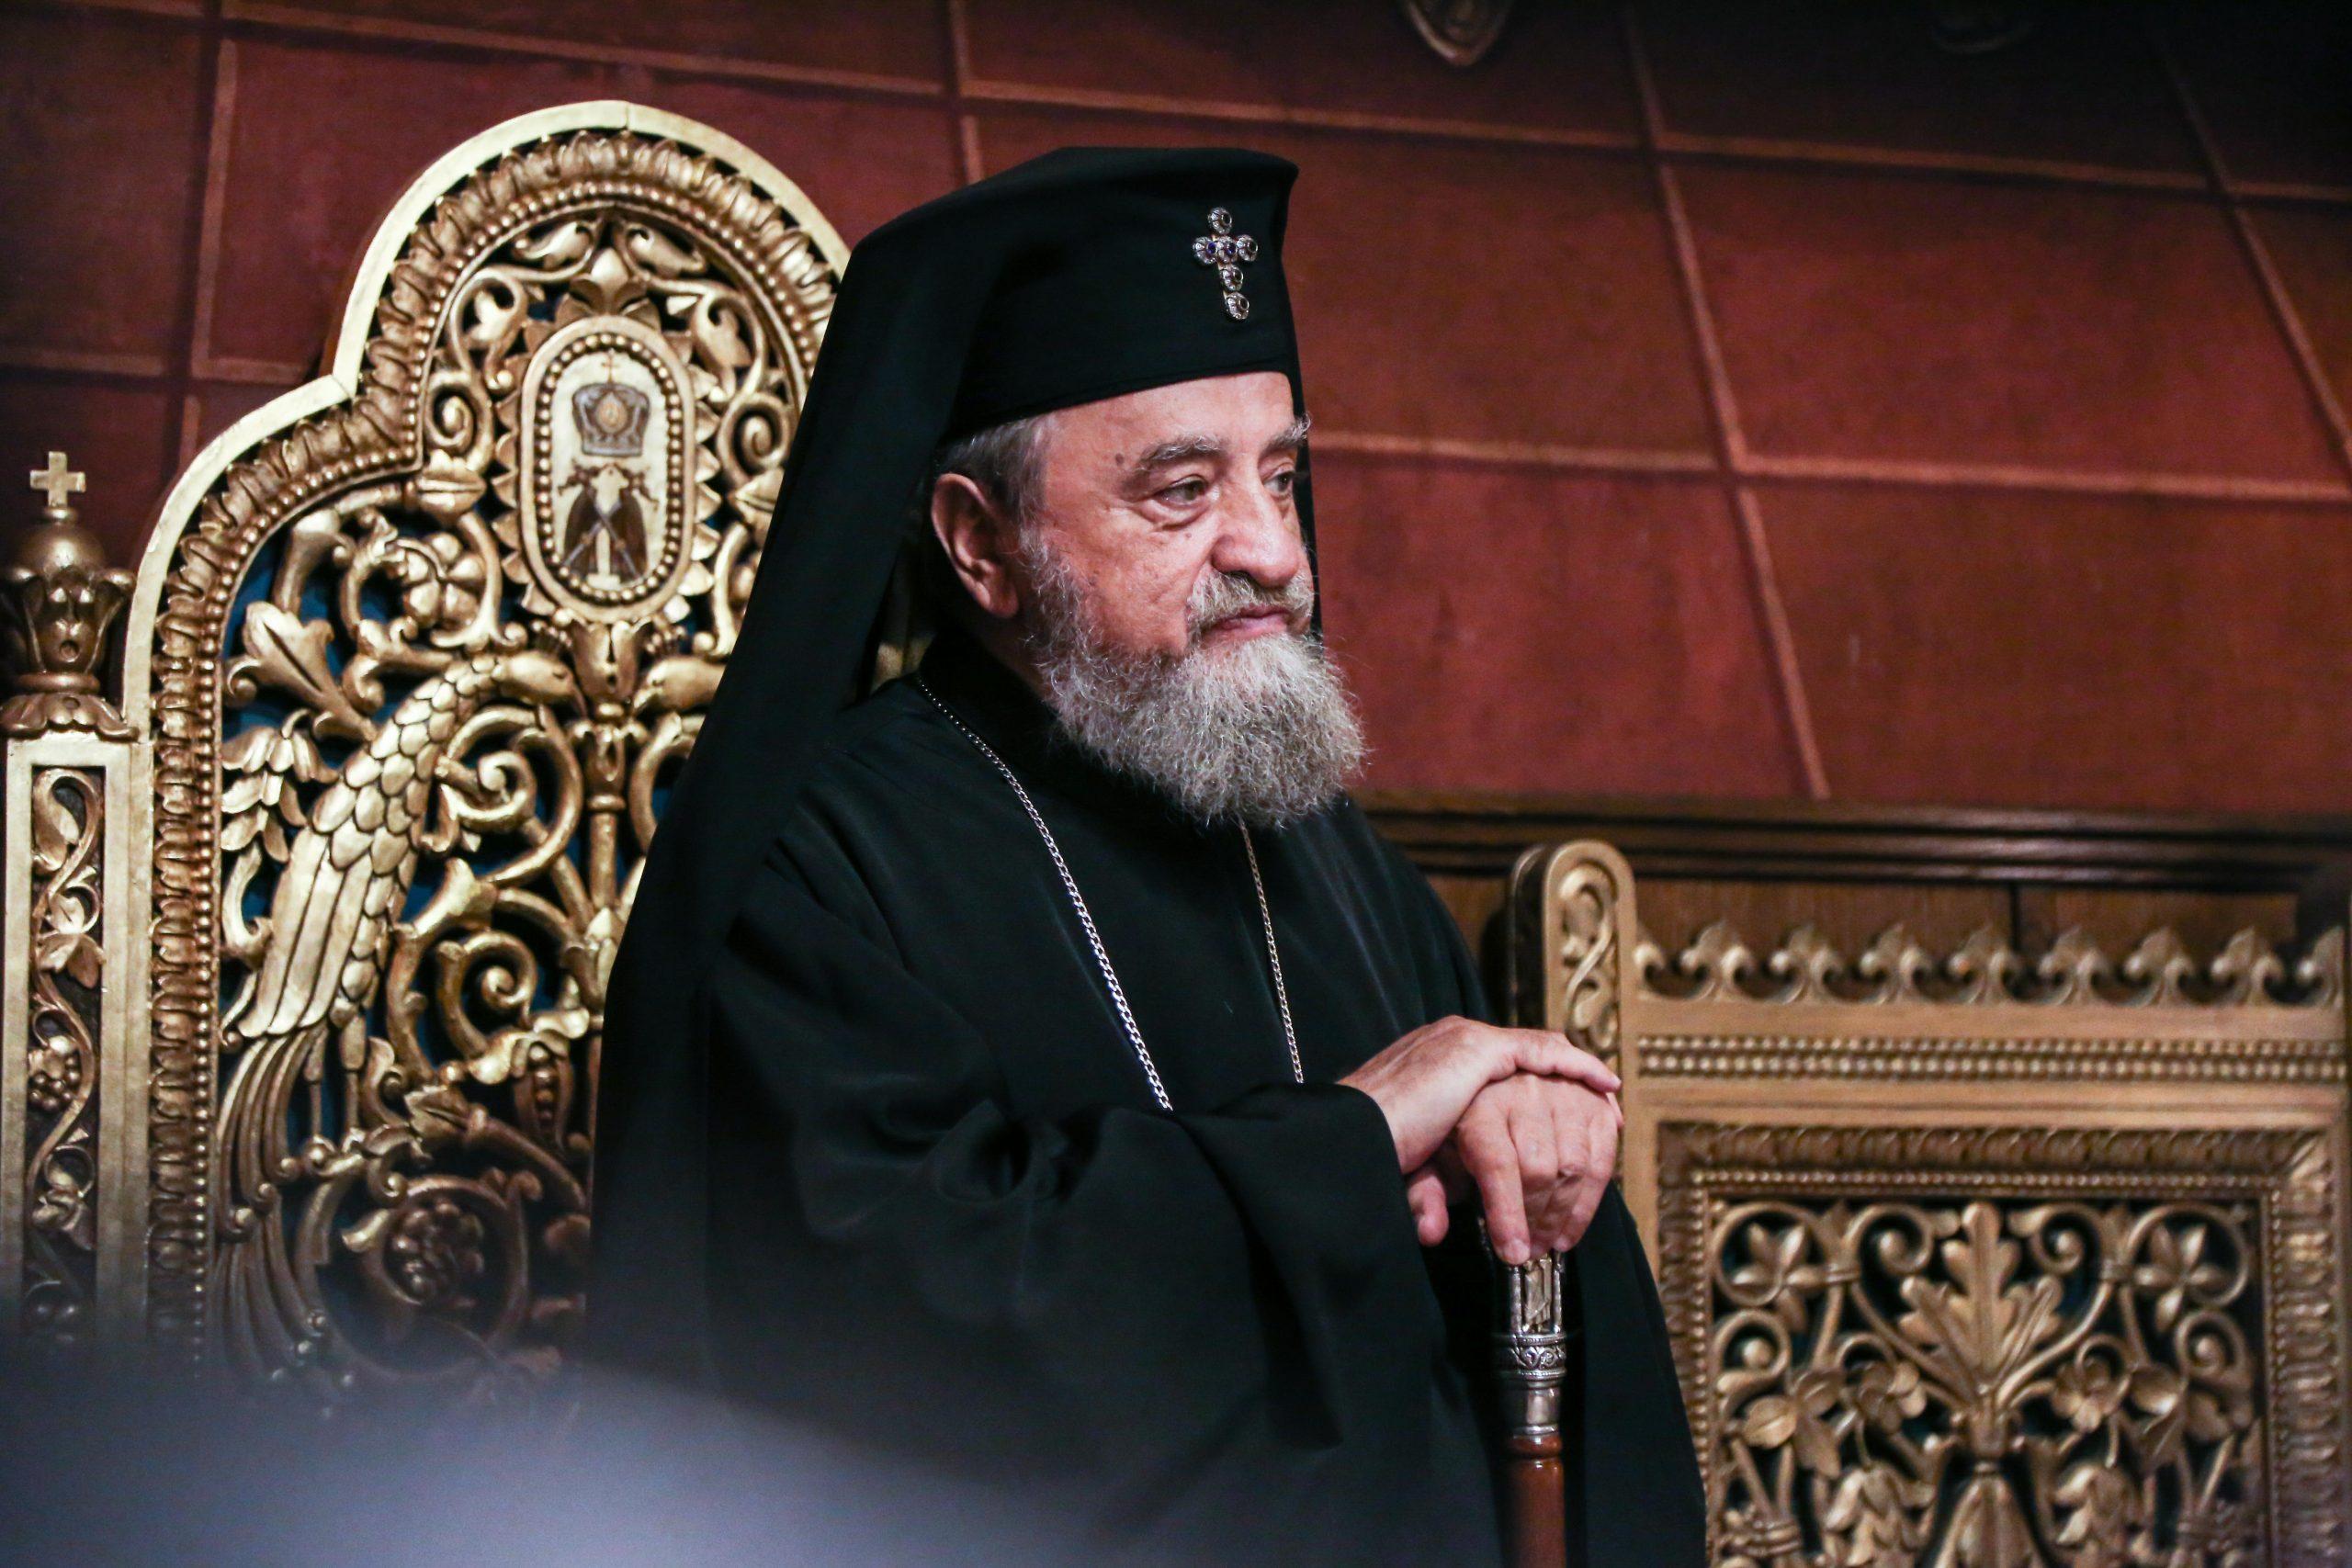 Înaltpreasfințitul Laurențiu Streza împlinește 73 de ani. La mulți ani!